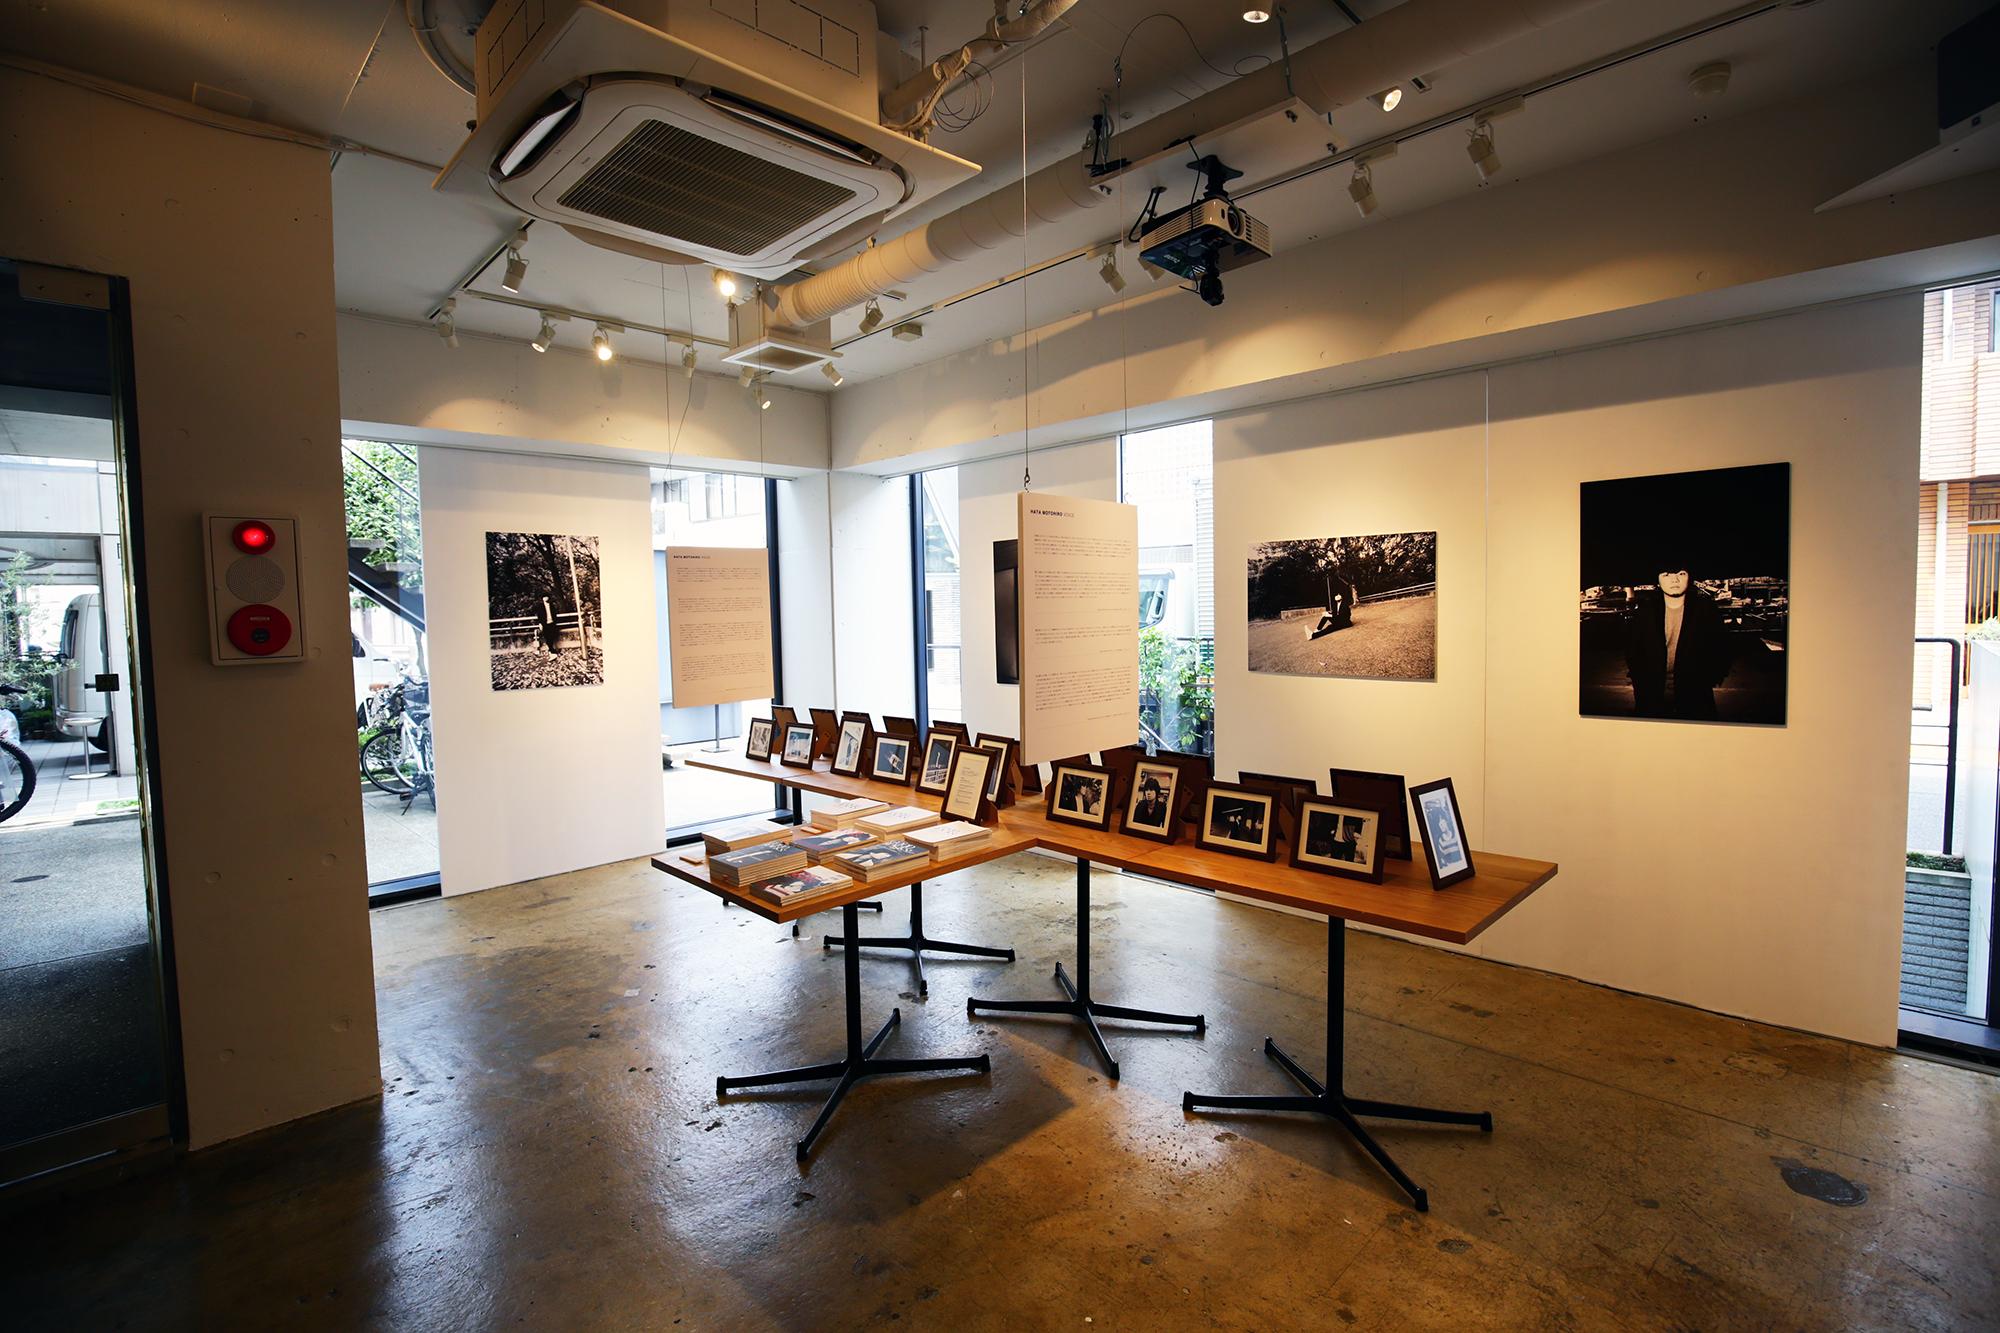 【東京】GOOD ROCKS! HATA MOTOHIRO 10th Anniversary PHOTO EXHIBITION  PHOTOGRAPHED BY HIROSUKE FUKUMOTO IN TOKYO